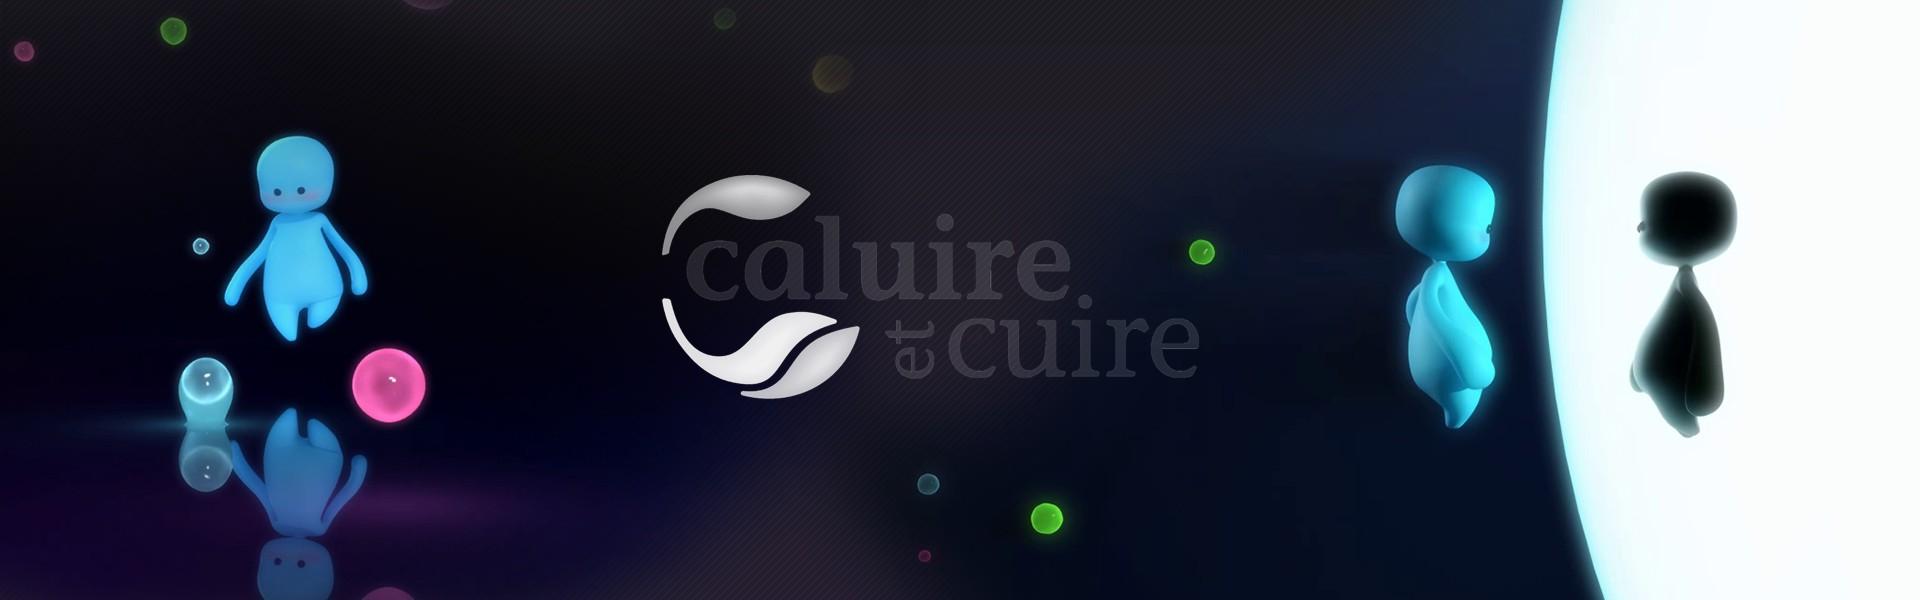 Caluire & Cuire